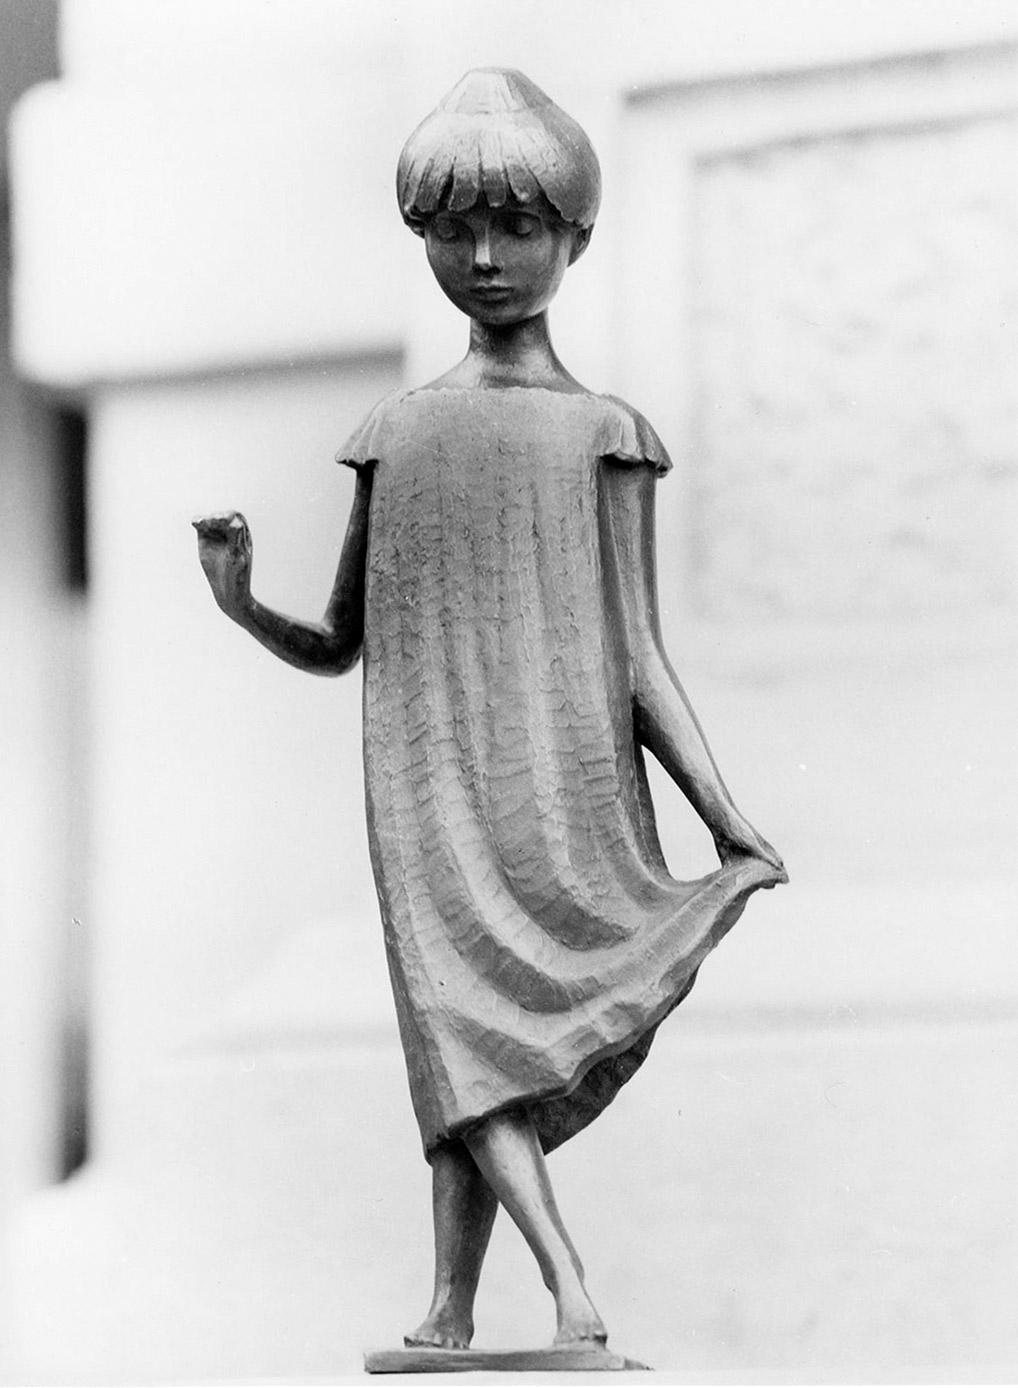 Tanzendes Kind • 36 cm • Bronze • 1969